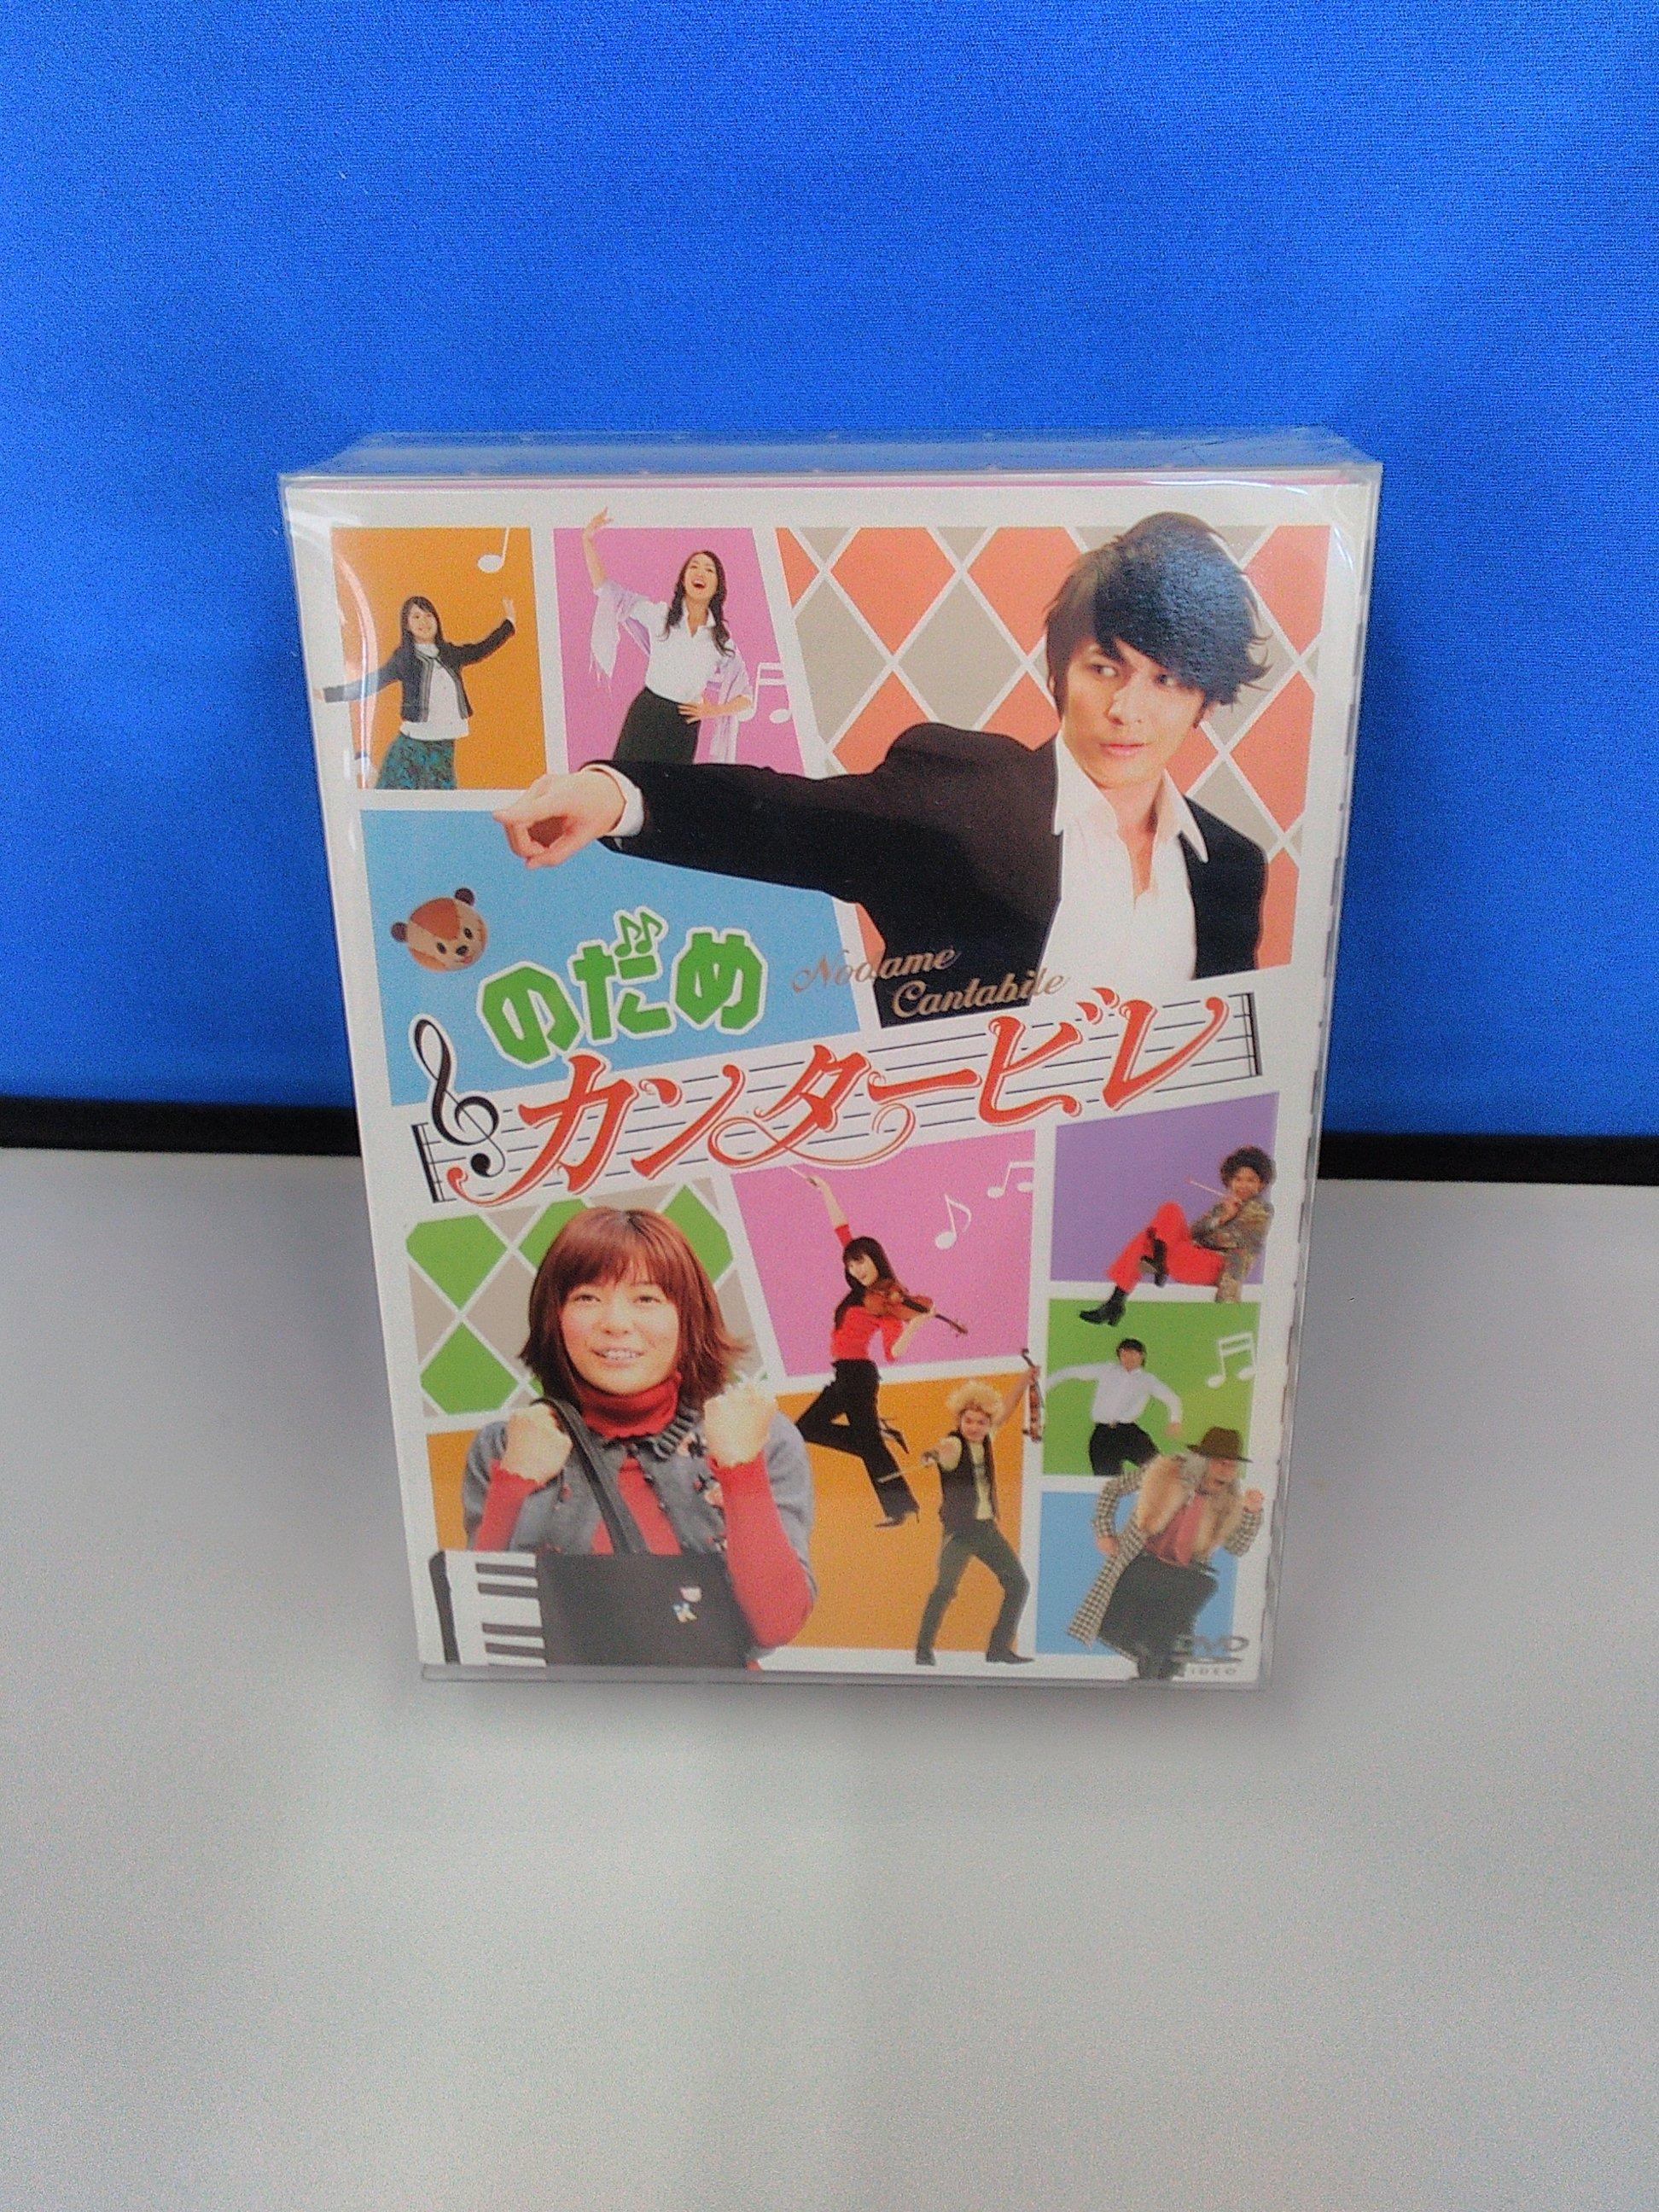 のだめカンタービレ DVD-BOX フジテレビ